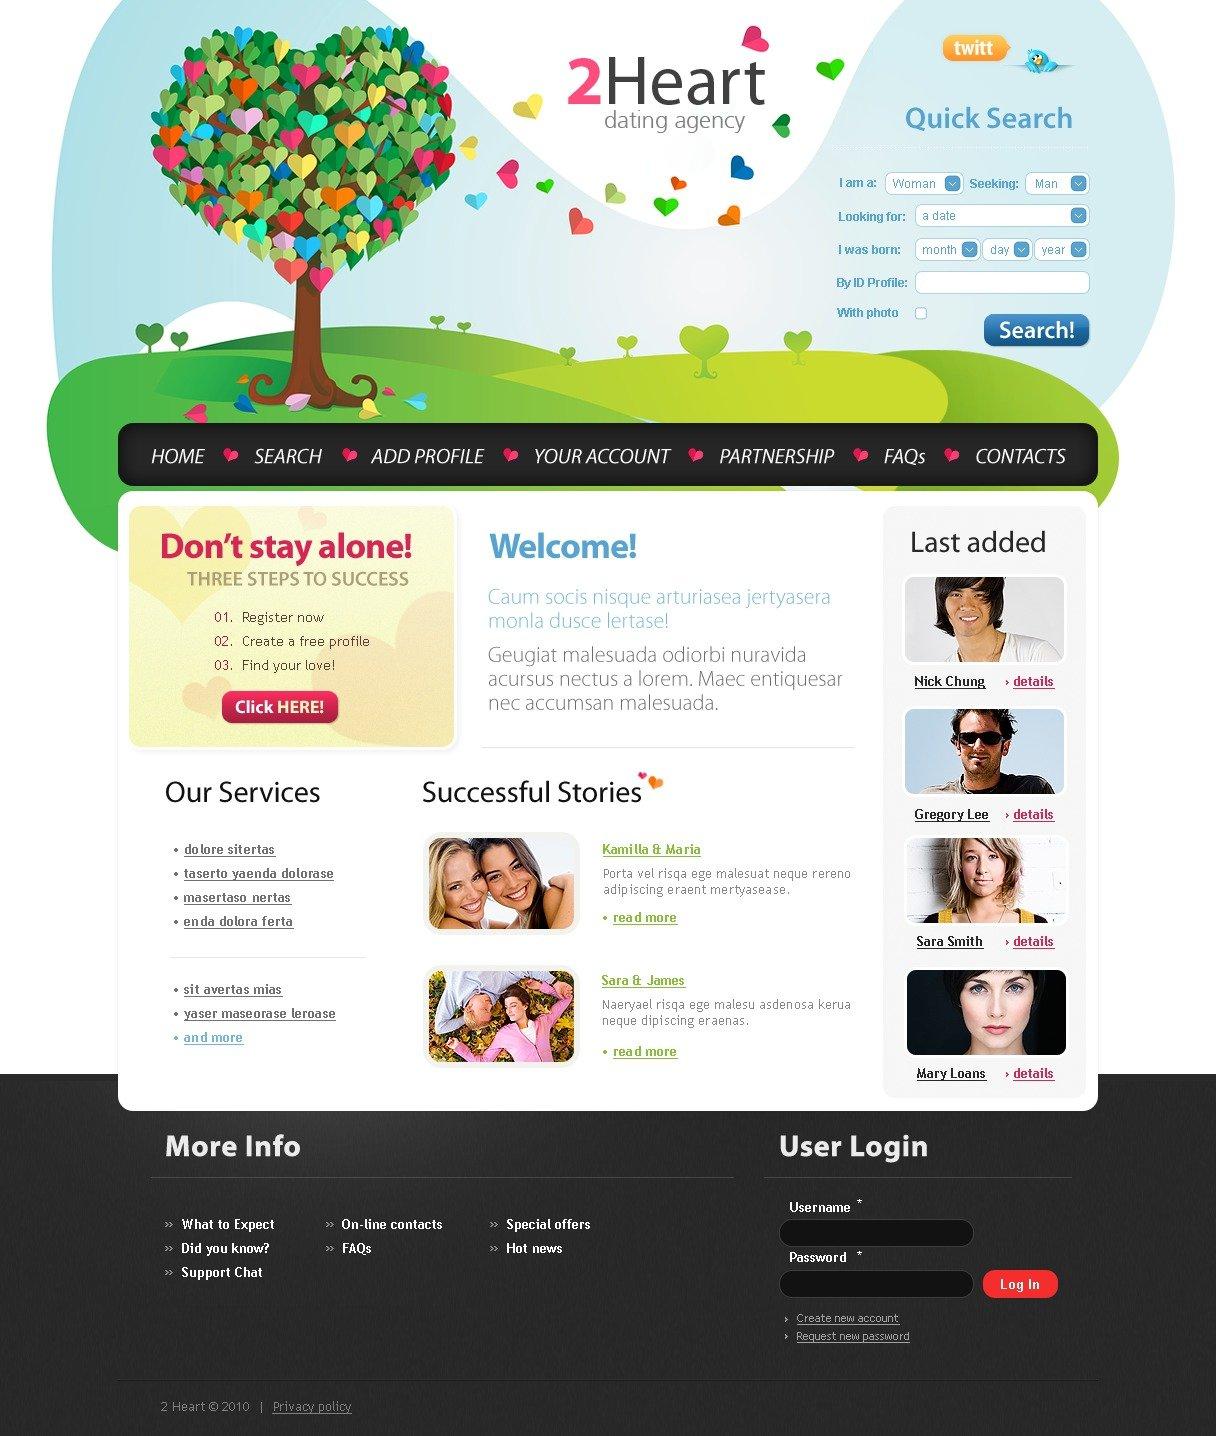 Sitio de citas web sexo ahora Avilés-71150